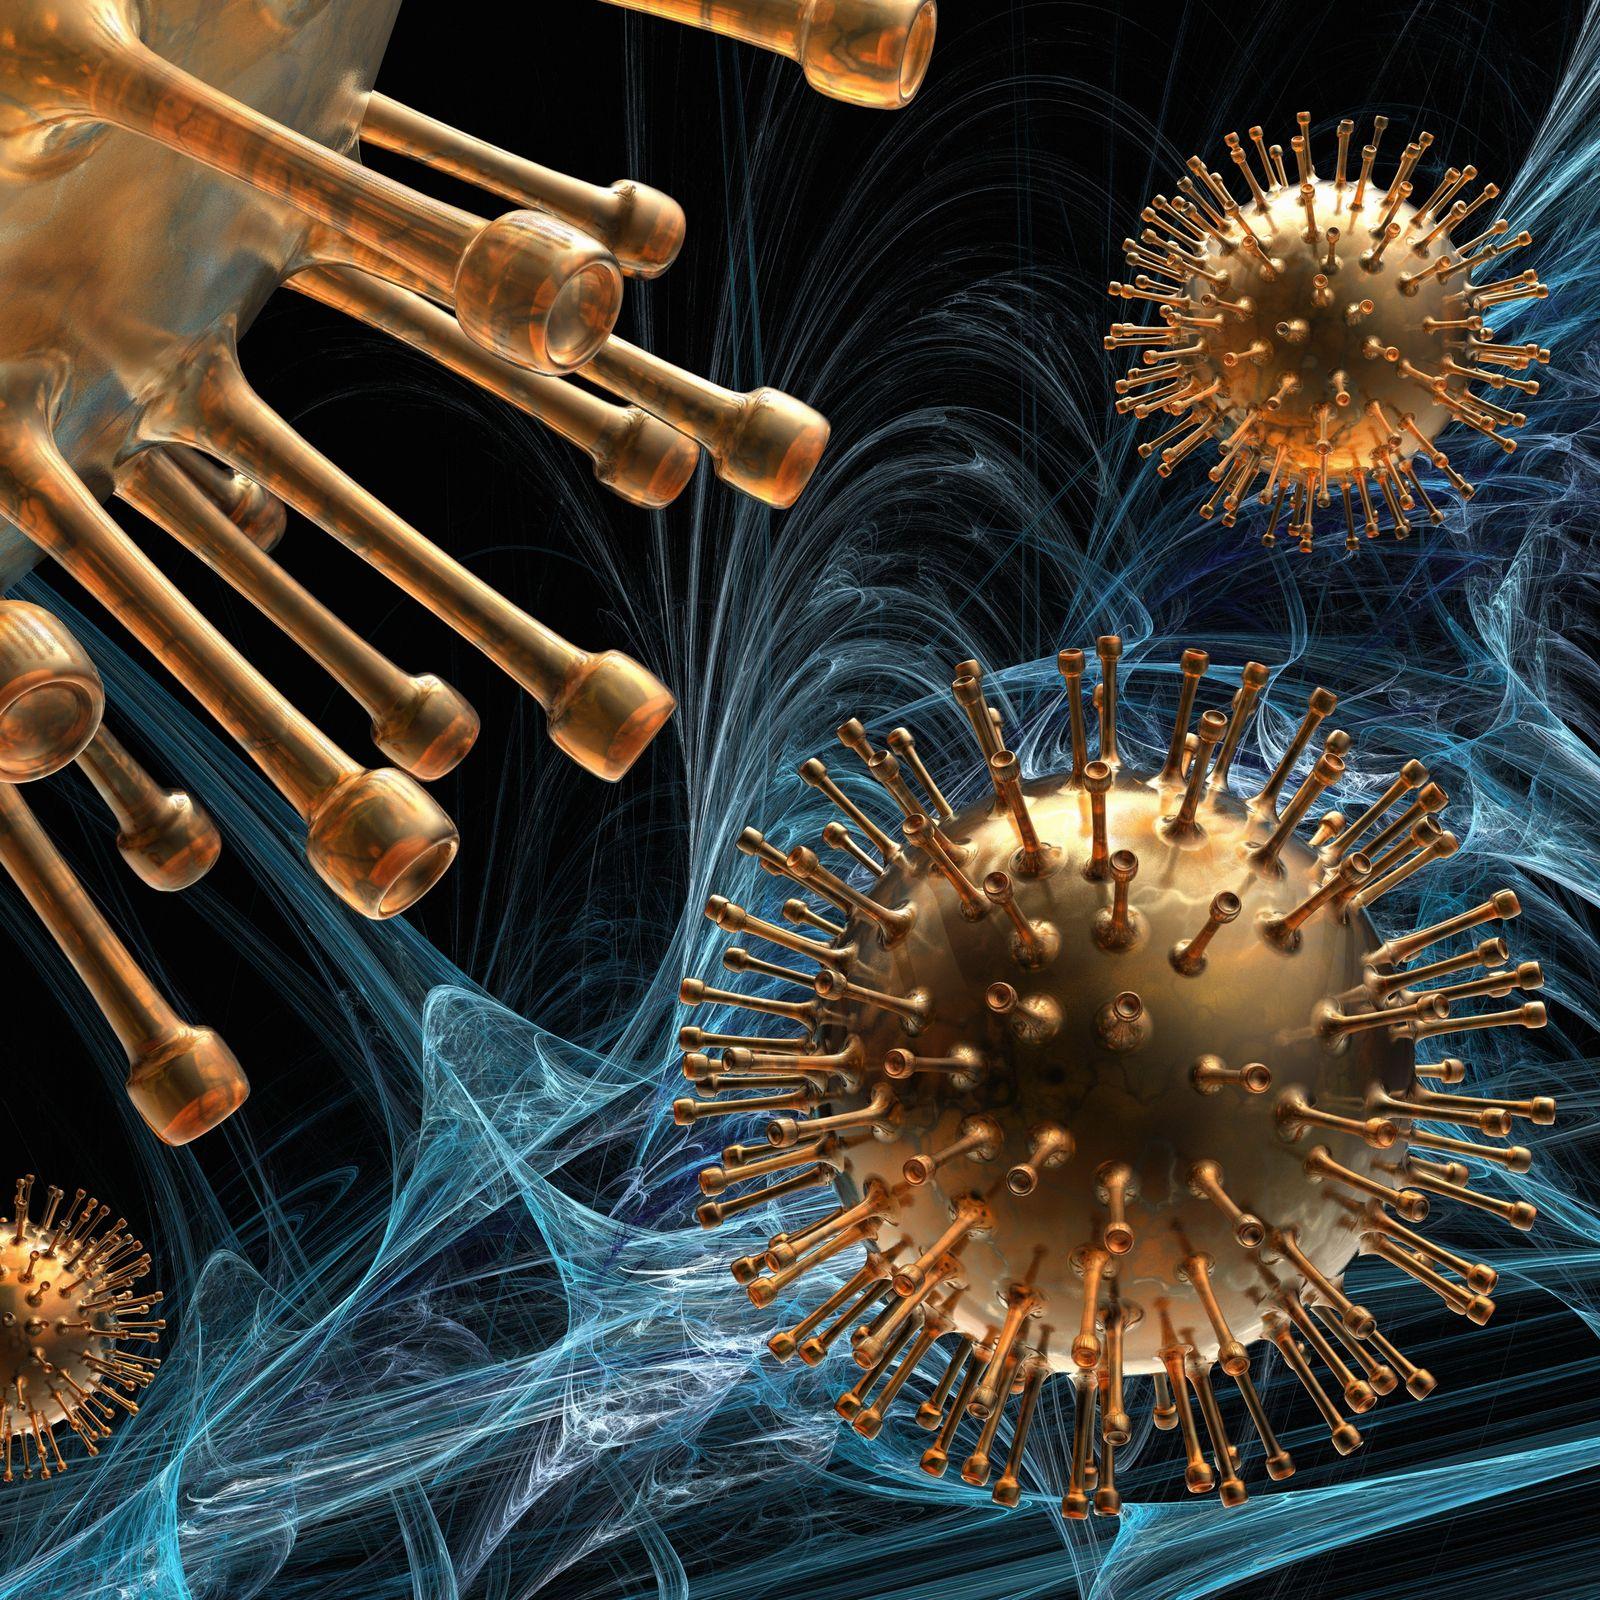 NICHT MEHR VERWENDEN! - Nanopartikel